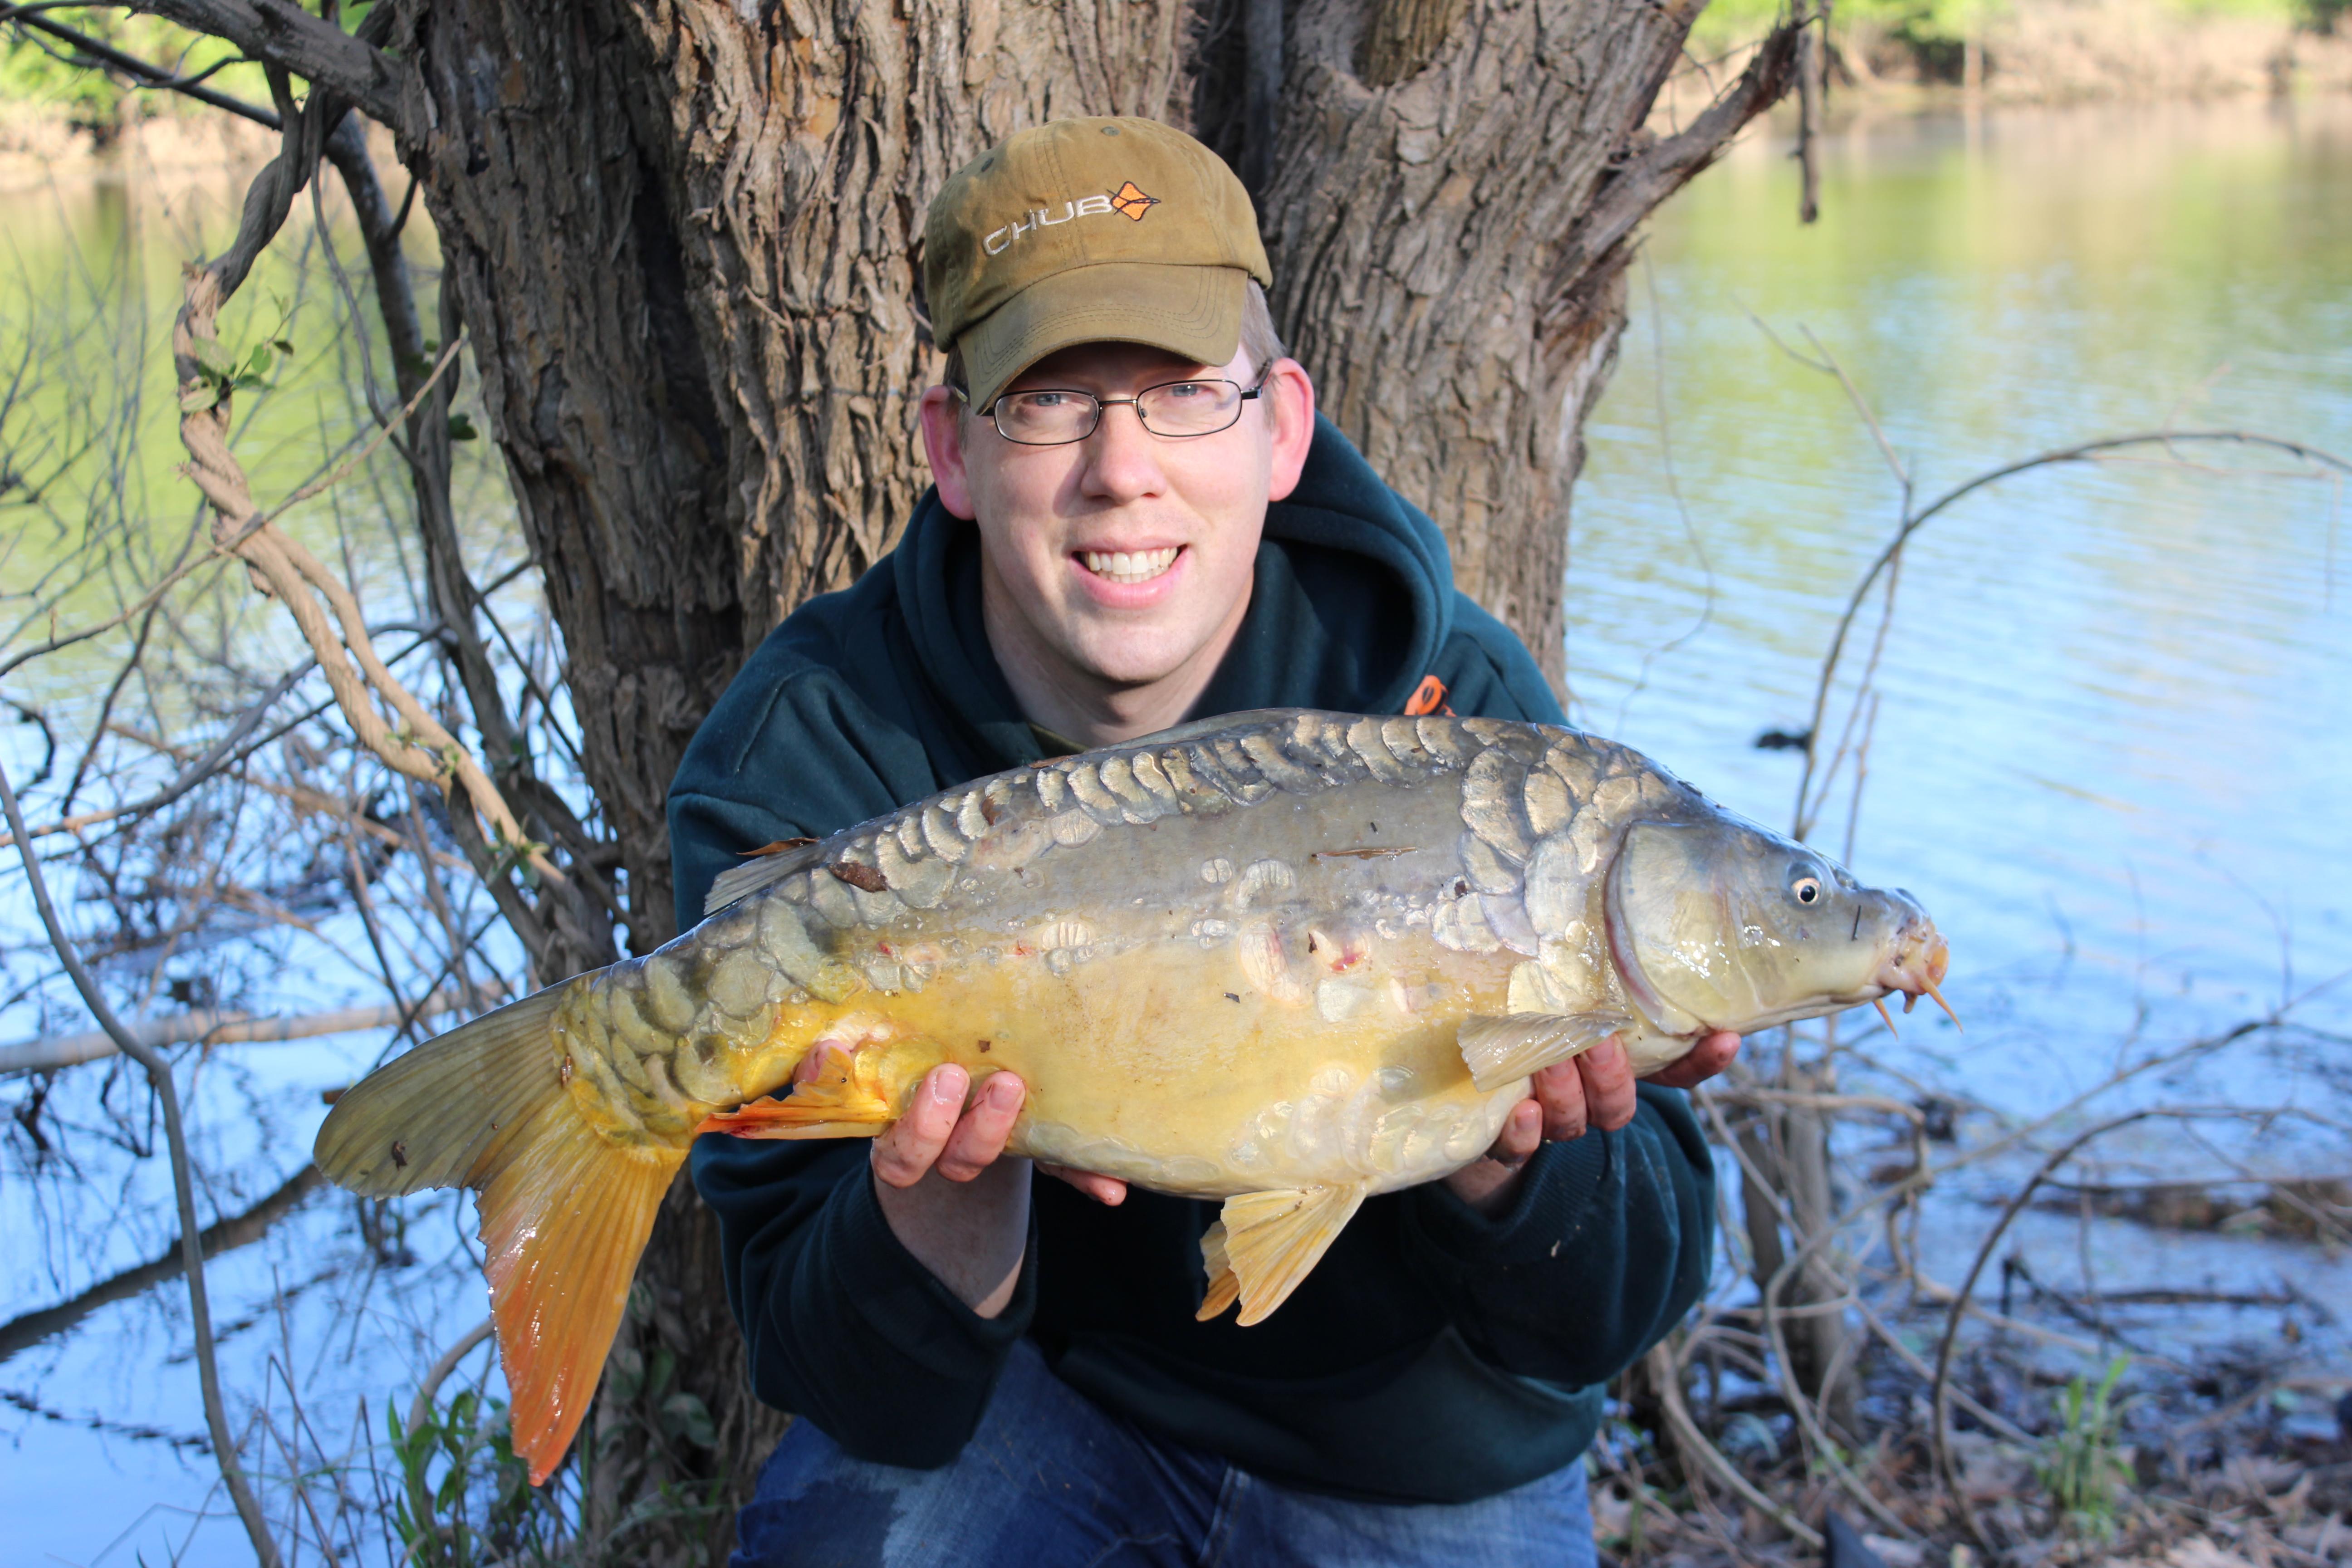 14 lb Virginia mirror carp